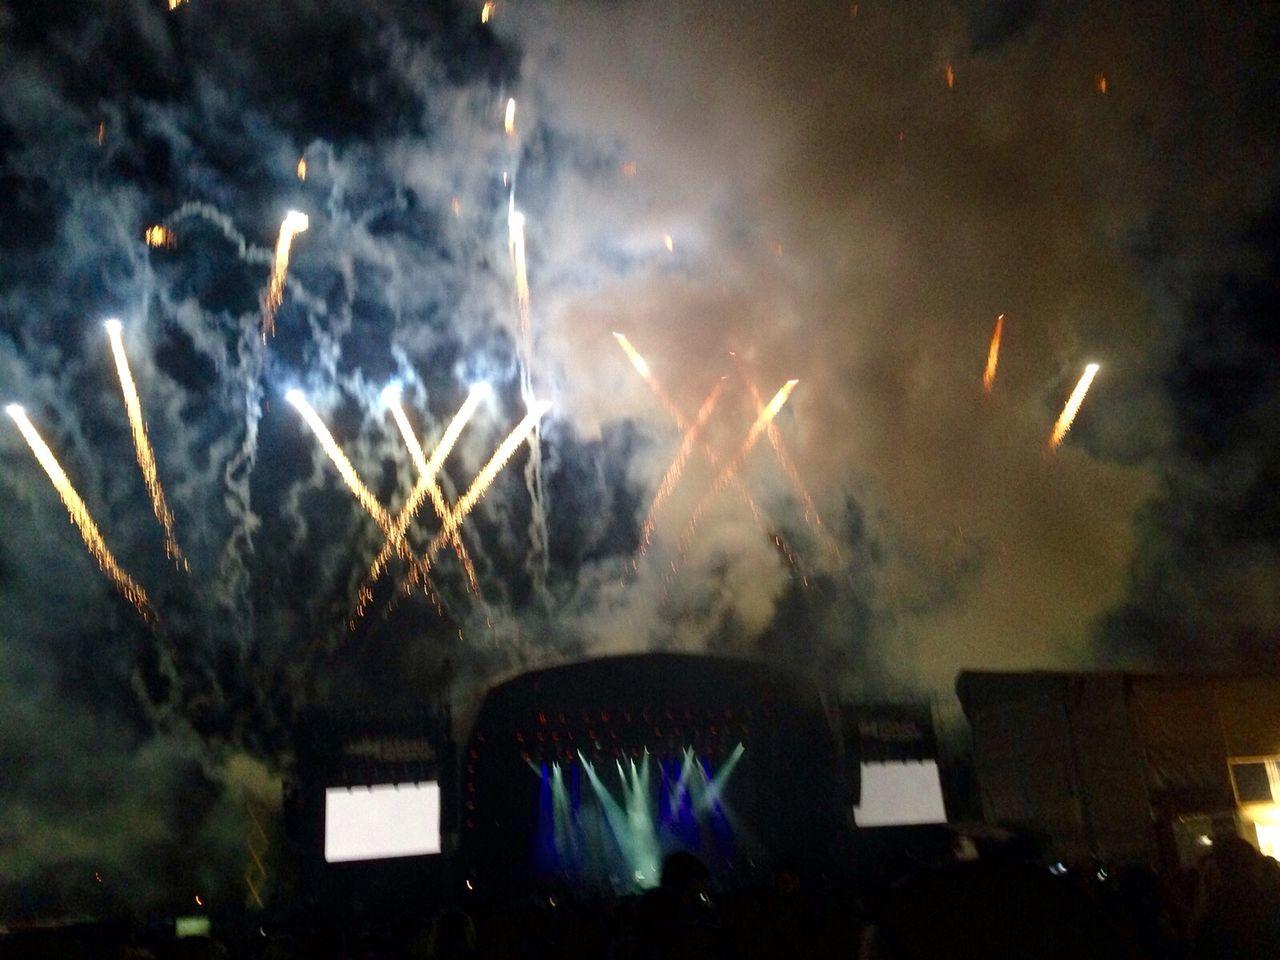 Bellahouston Park Paolo Nutini Fireworks